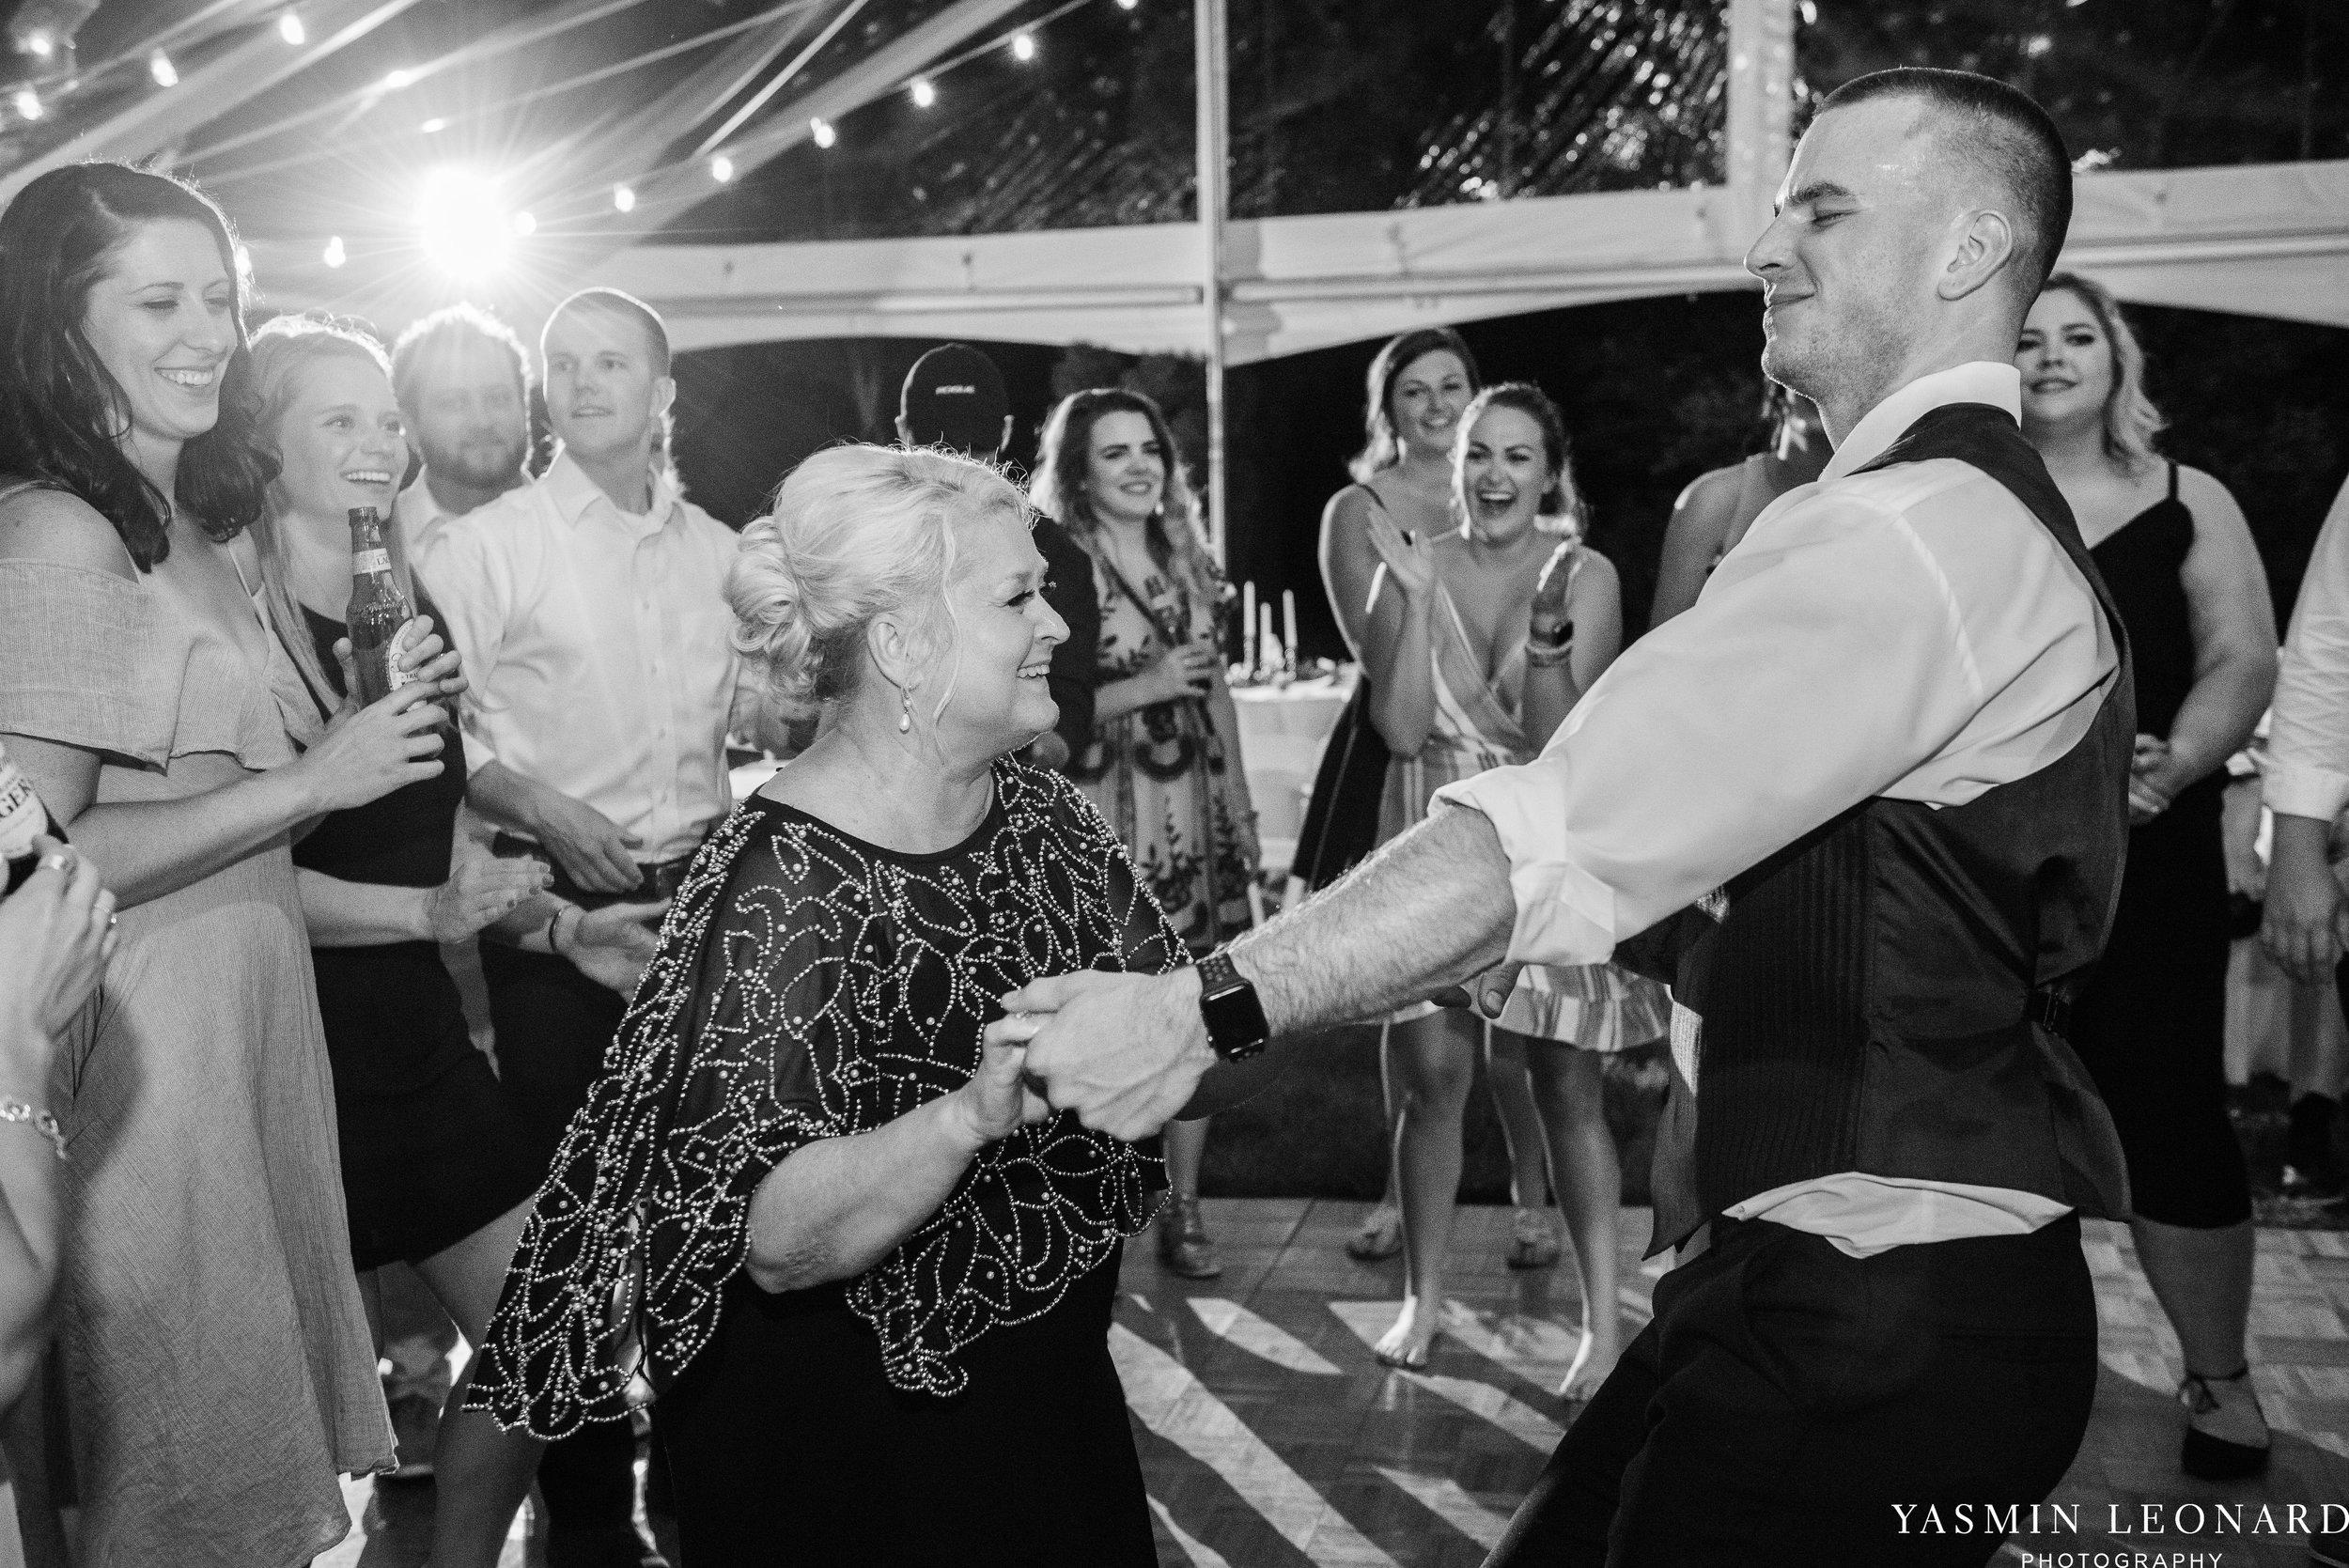 Boxwood Estate - Boxwood Estate Wedding - Luxury Wedding - Black and White Wedding - NC Wedding Venues - NC Weddings - NC Photographer - Lantern Release Grand Exit - Large Wedding Party - Yasmin Leonard Photography-87.jpg